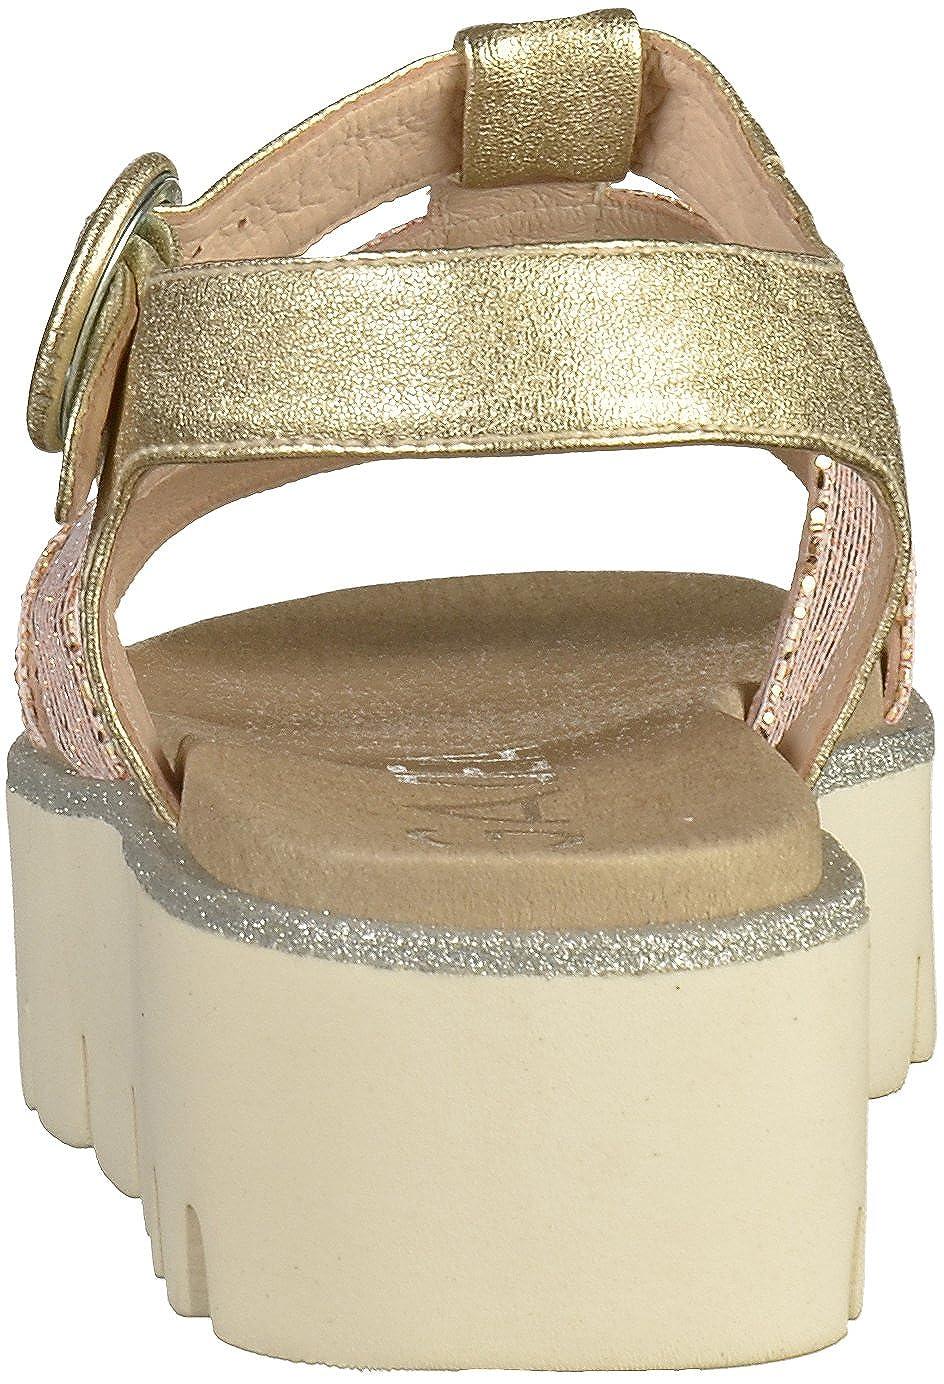 SandalenSchuheamp; Handtaschen Gadea Damen Gadea 41016 41016 Damen Handtaschen SandalenSchuheamp; hQdsCBtrx